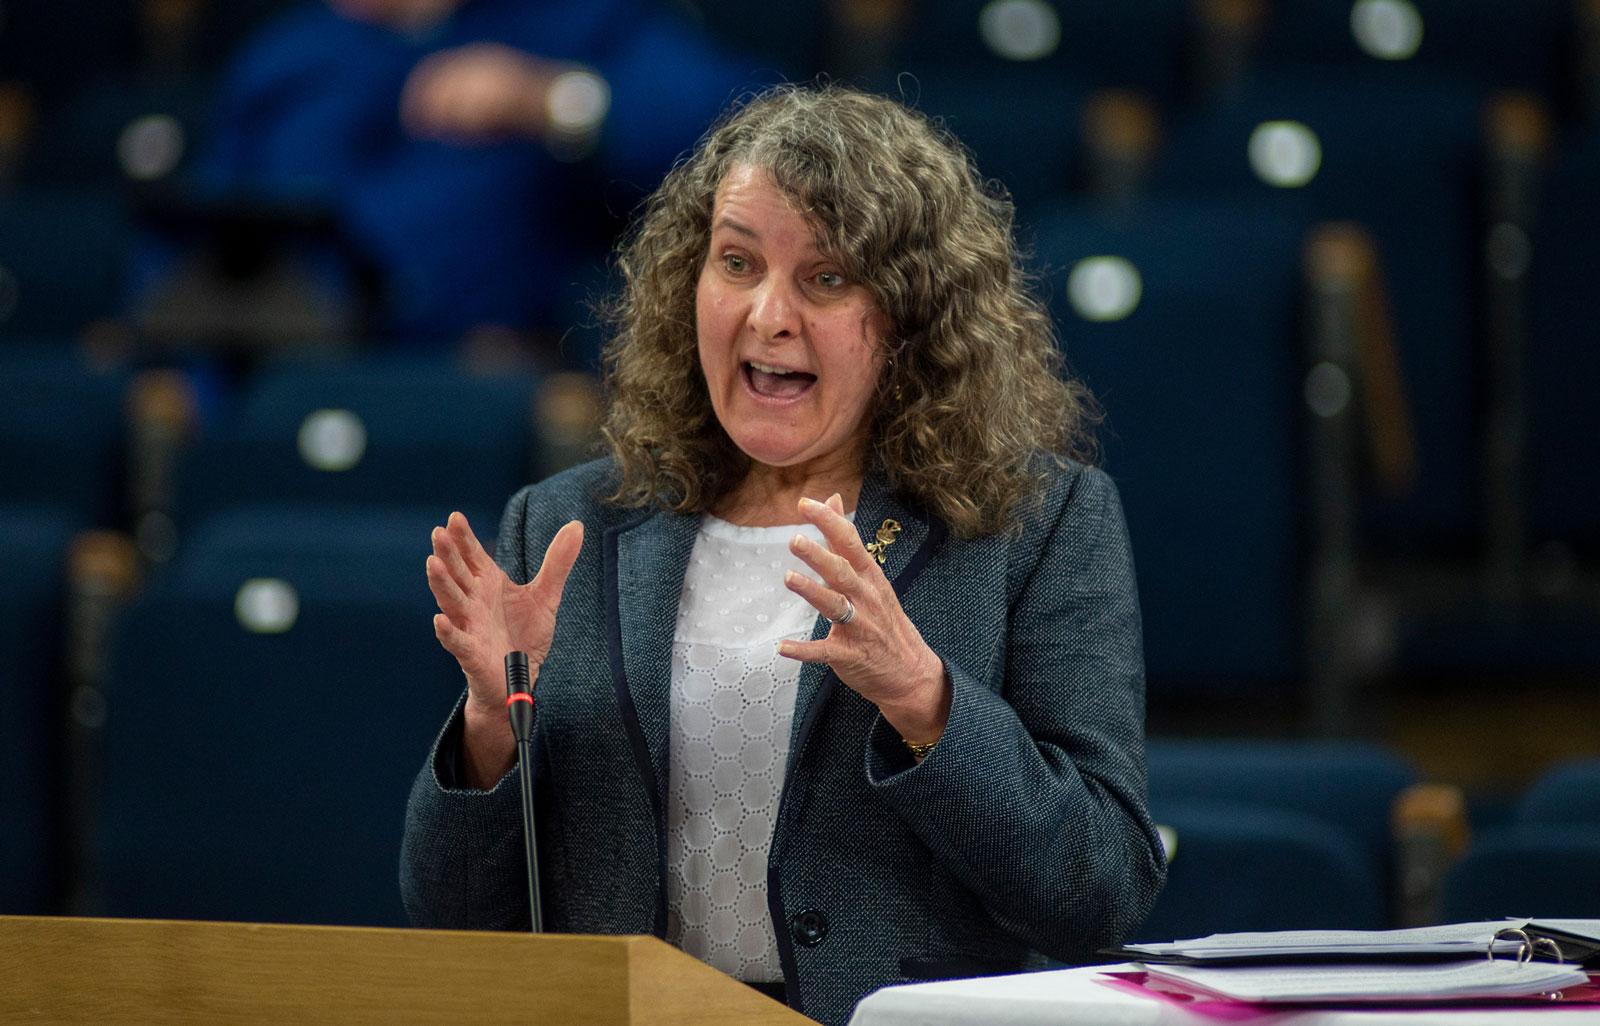 Rev Rosemary Frew speaking